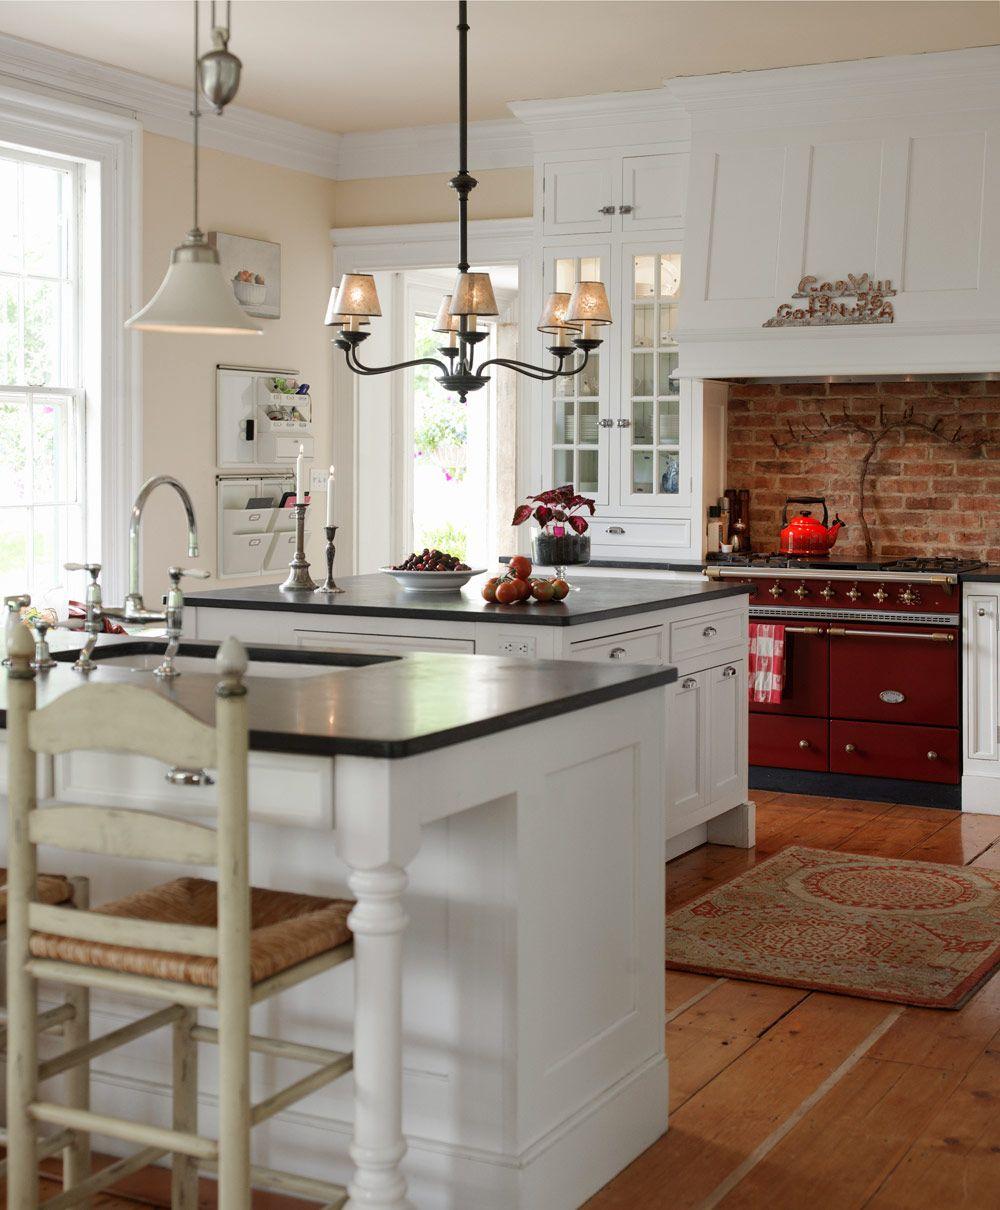 Klassisk Amerikansk Inredning Fint Mixat Med Skandinaviska Detaljer Home Kitchens Kitchen Interior Interior Design Kitchen